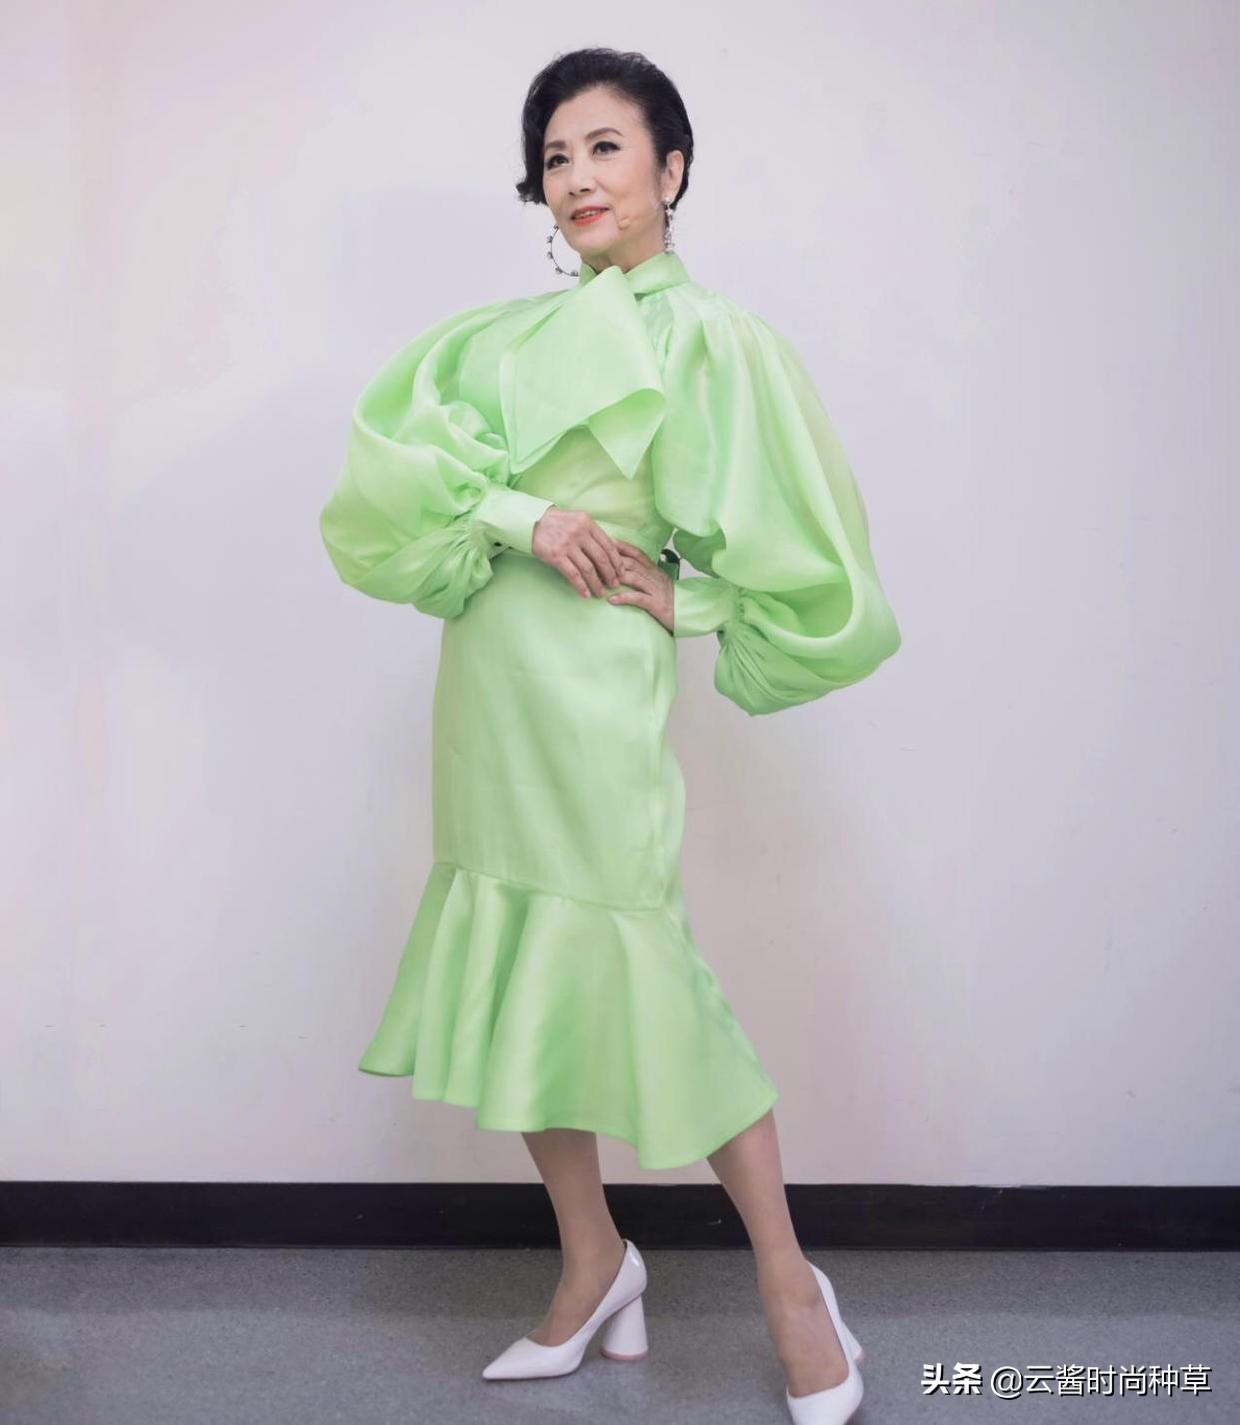 汪明荃扮嫩太成功了!穿浅绿色连衣裙清新减龄,这身材哪像73岁